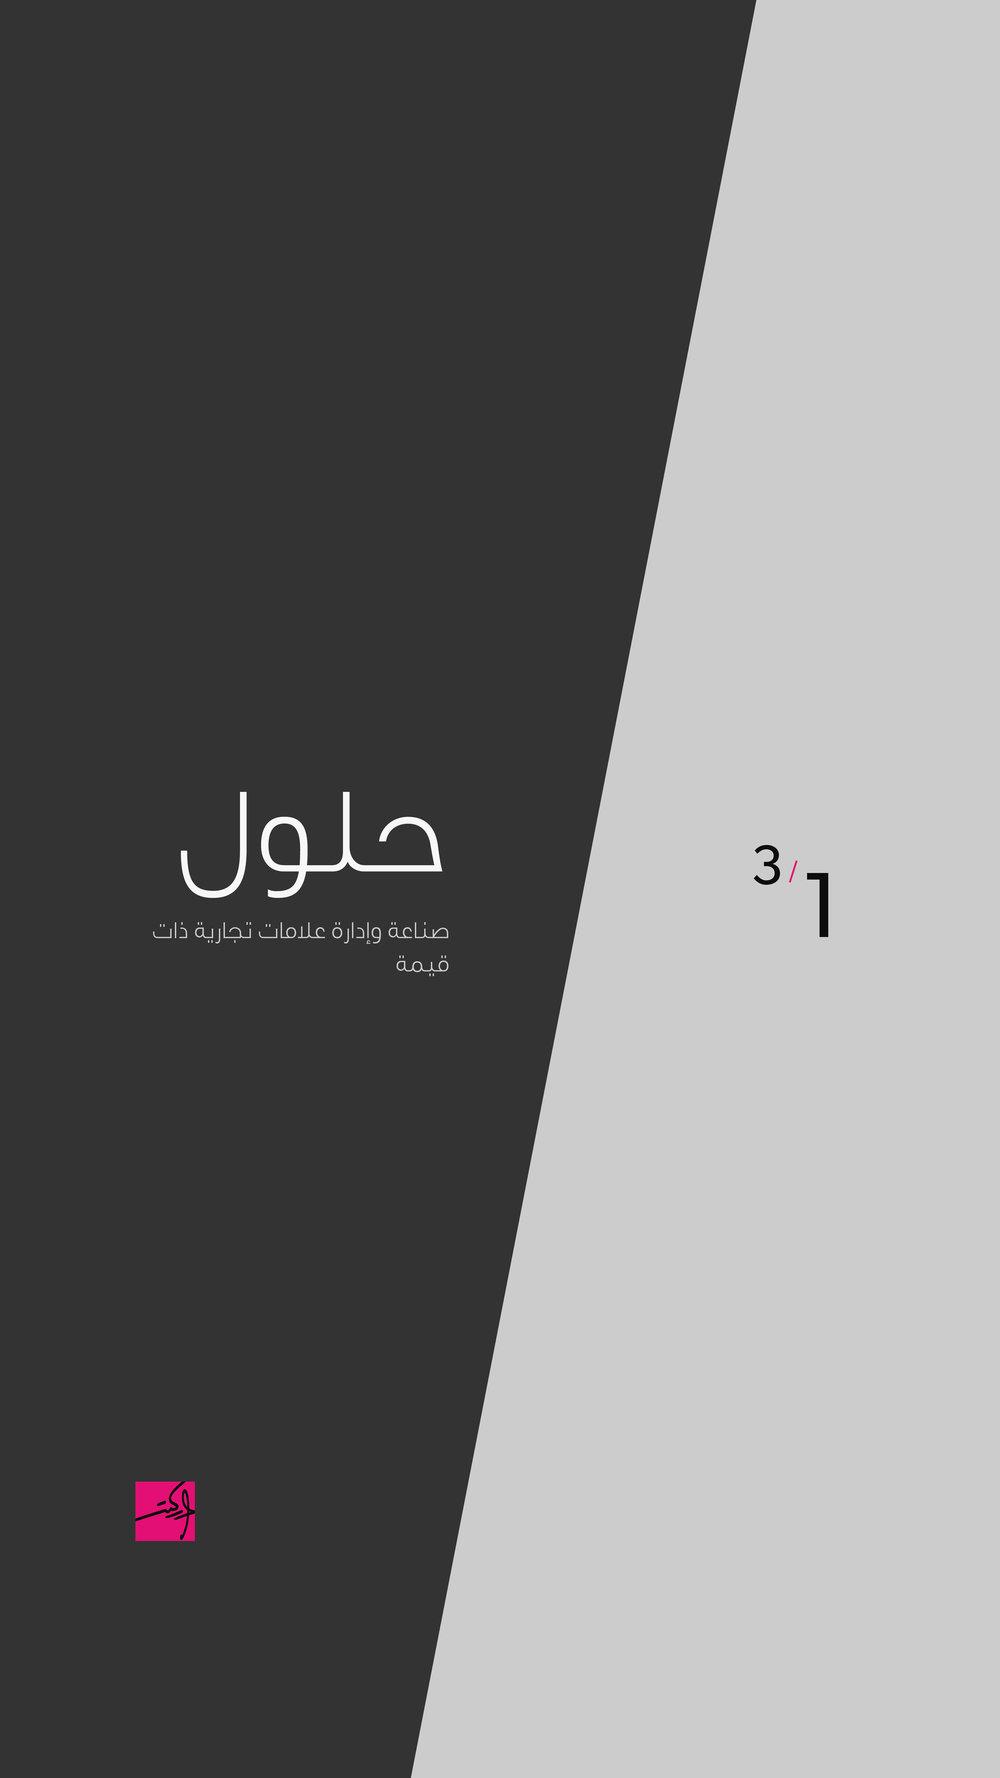 حلول 001 - سناب.jpg